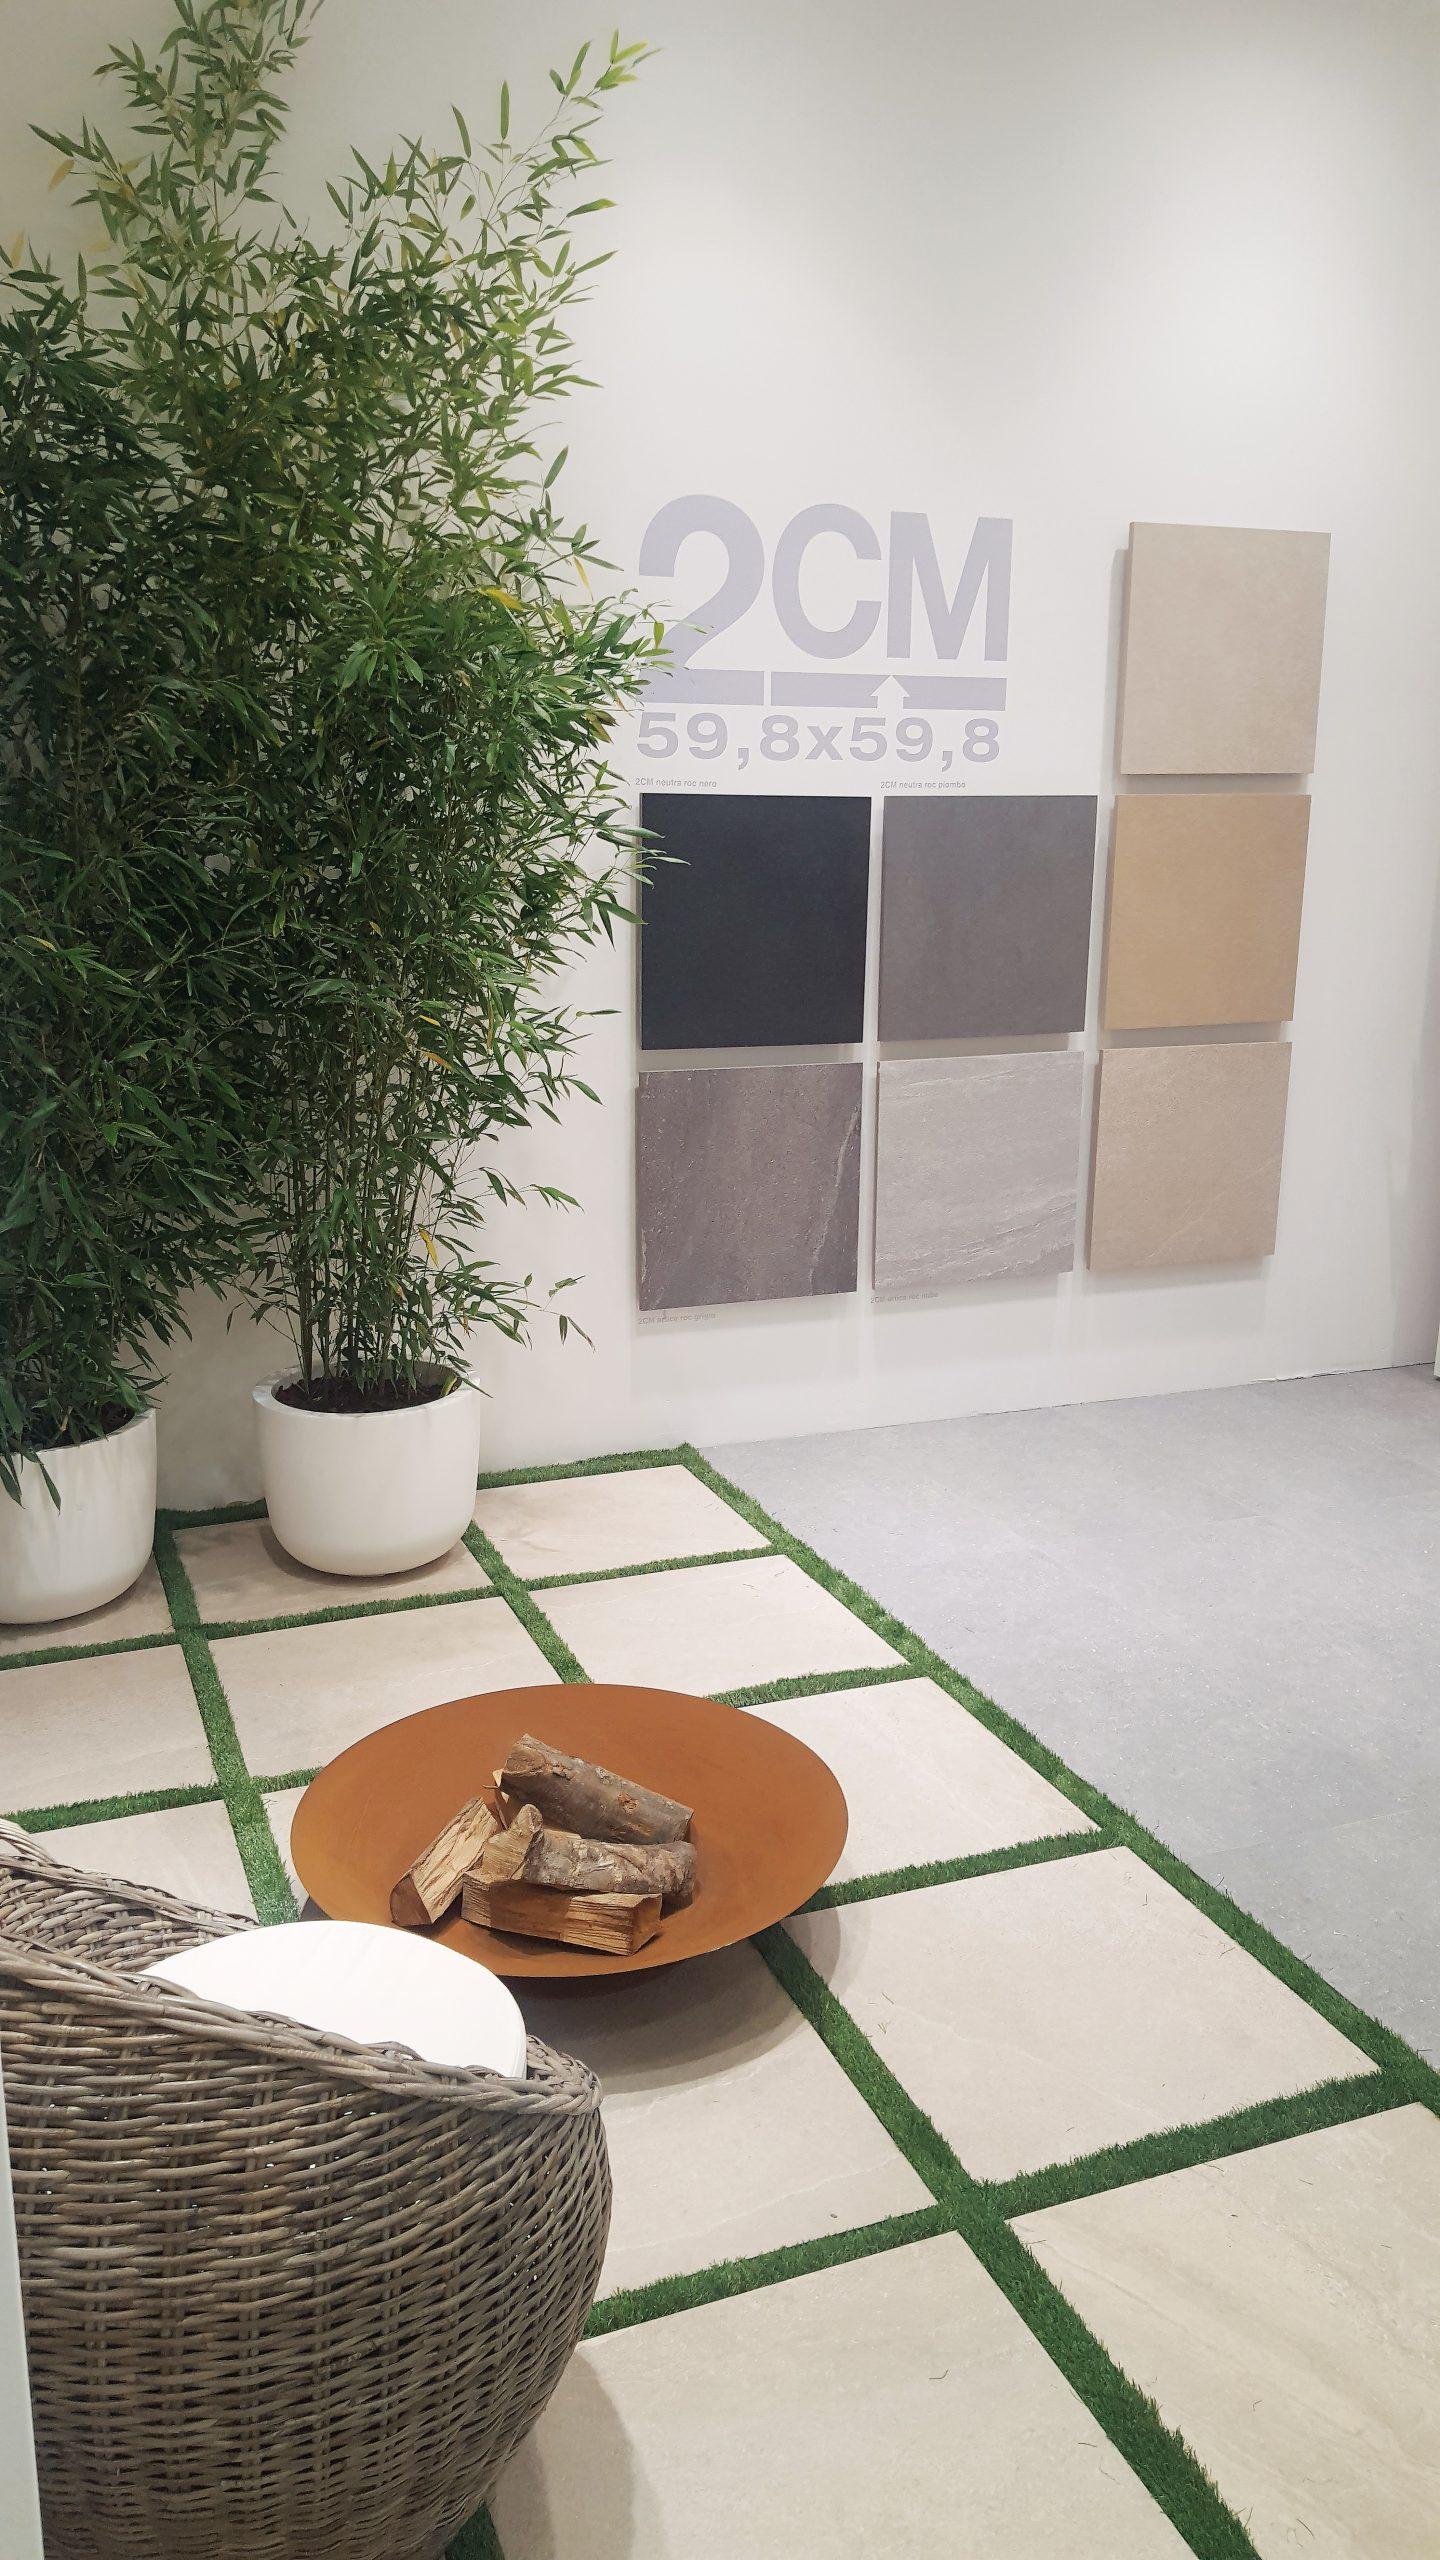 Applicazioni a parete con prespaziati adesivi a muro